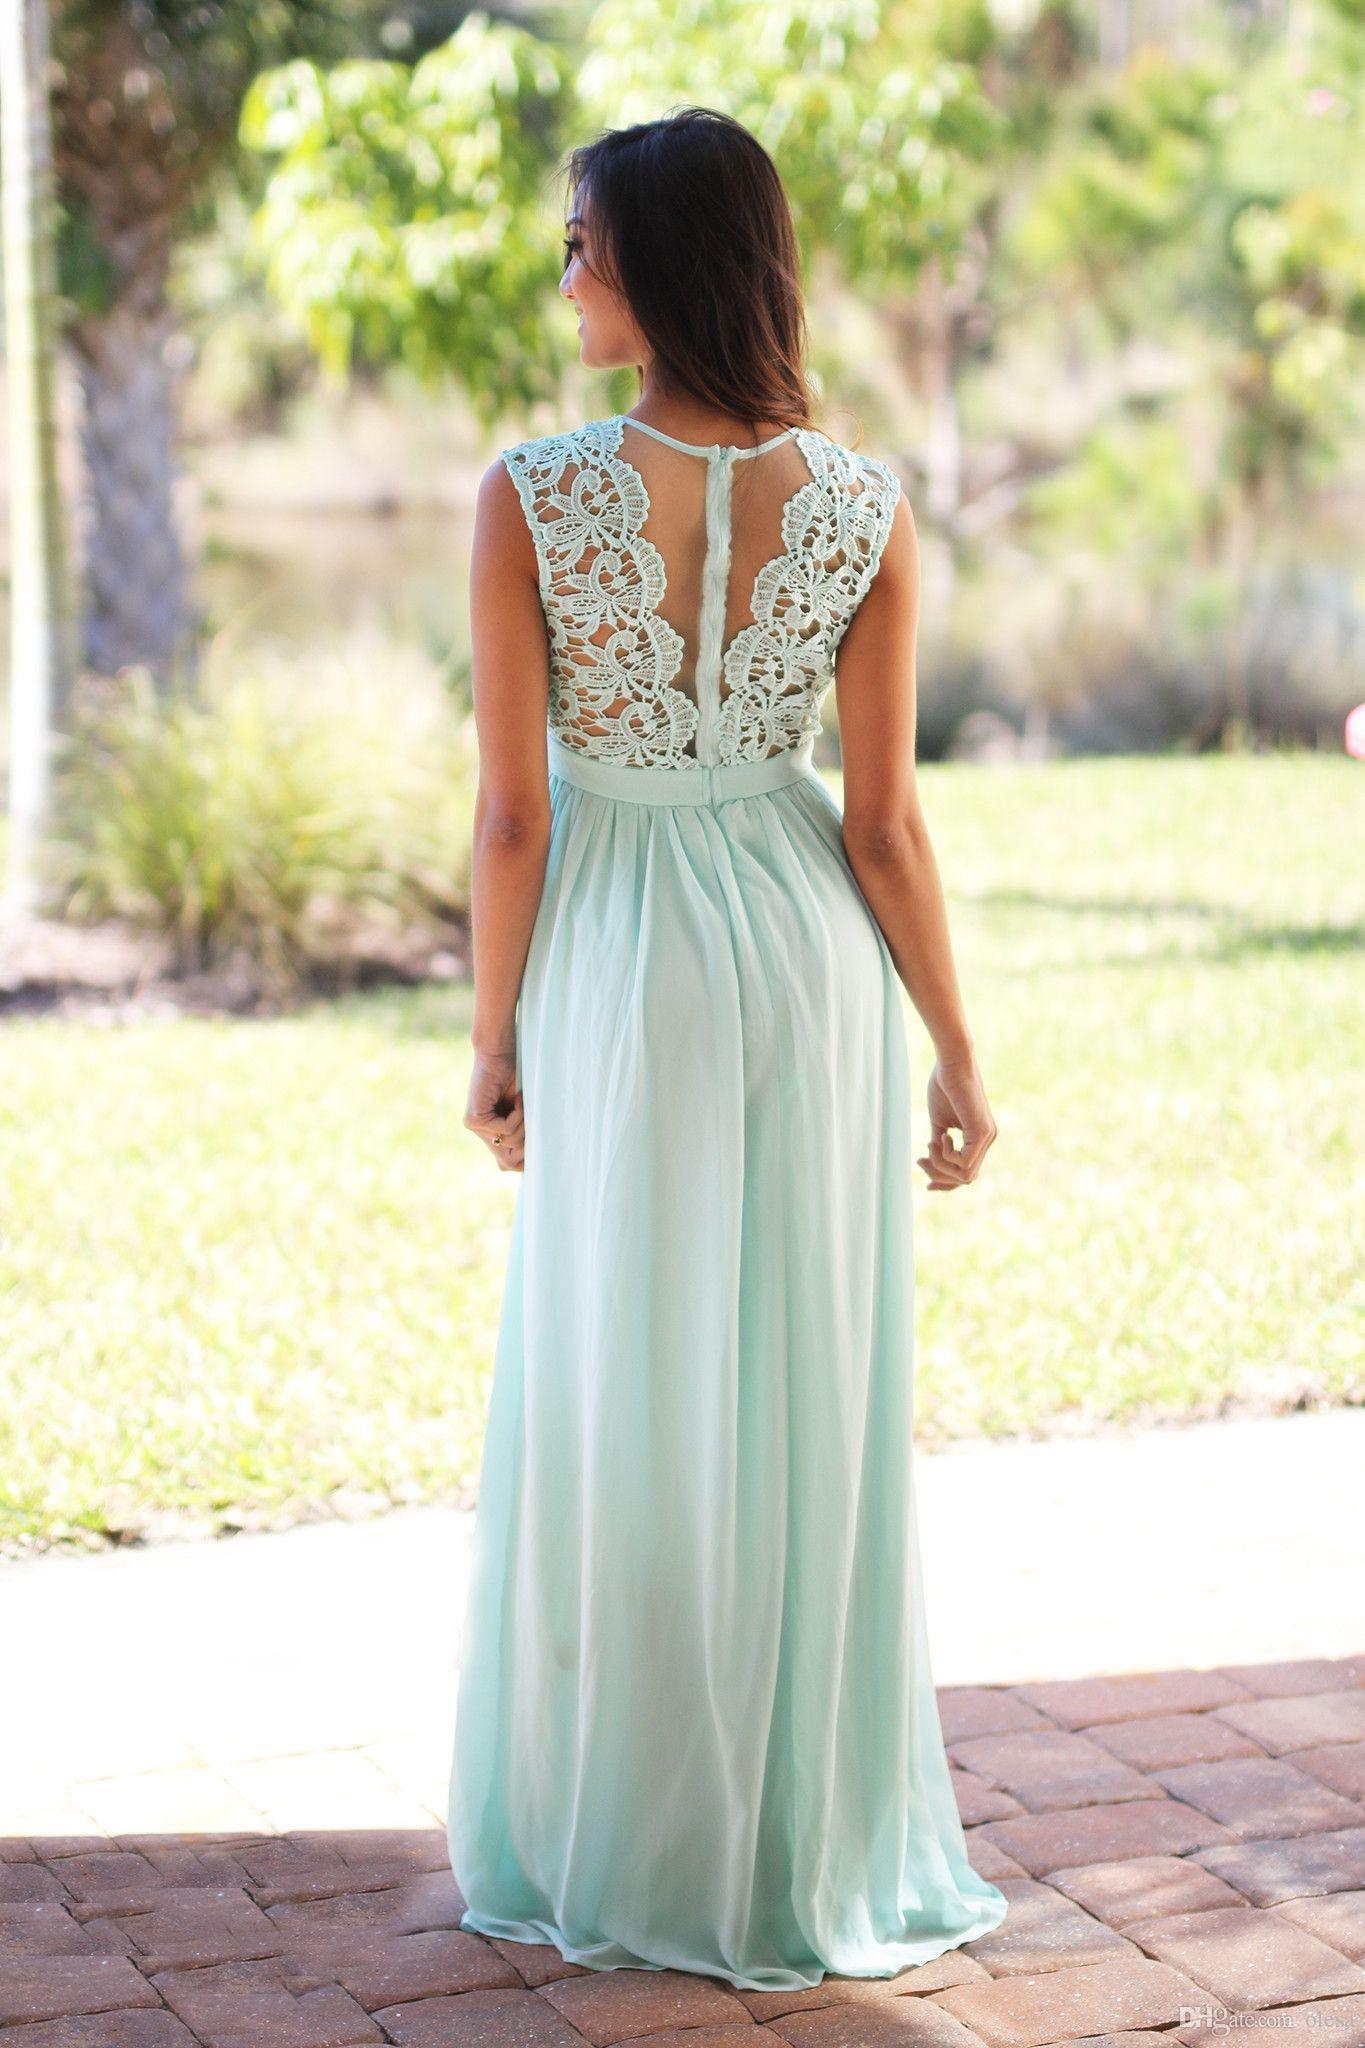 Großhandel Discount Pastell Blue Lace Brautjungfer Kleider 2016 Günstige  Jewel Ausschnitt Chiffon Bodenlangen Lange Lange Brautjungfer Kleider Für